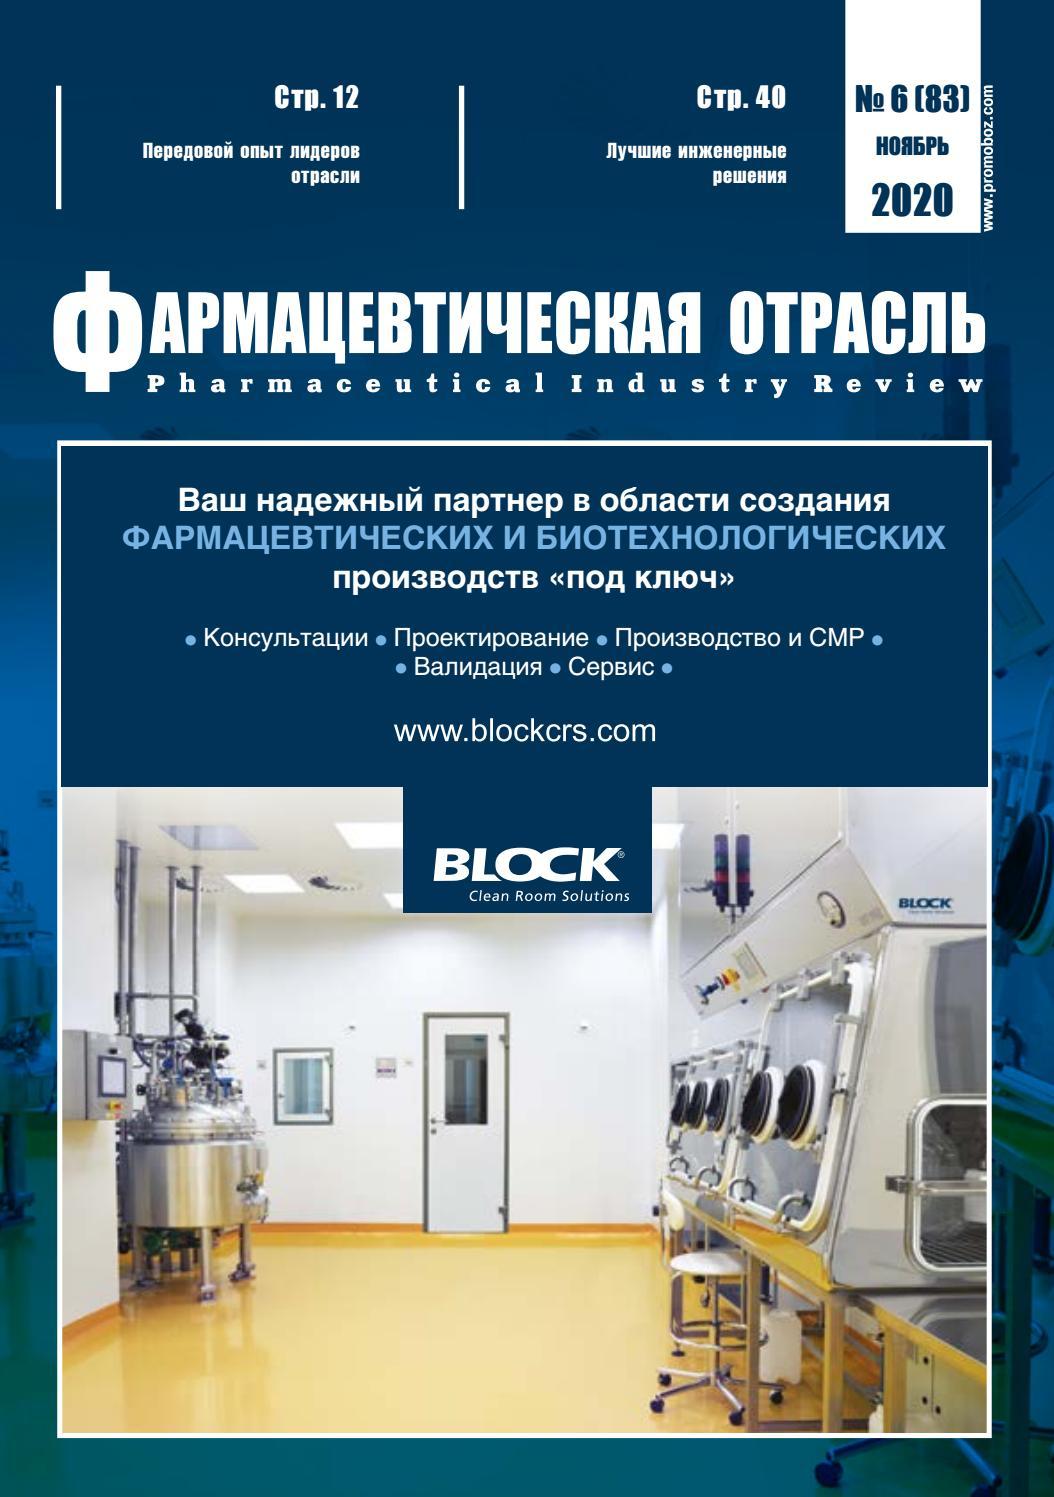 Фармацевтическая отрасль №6, ноябрь 2020